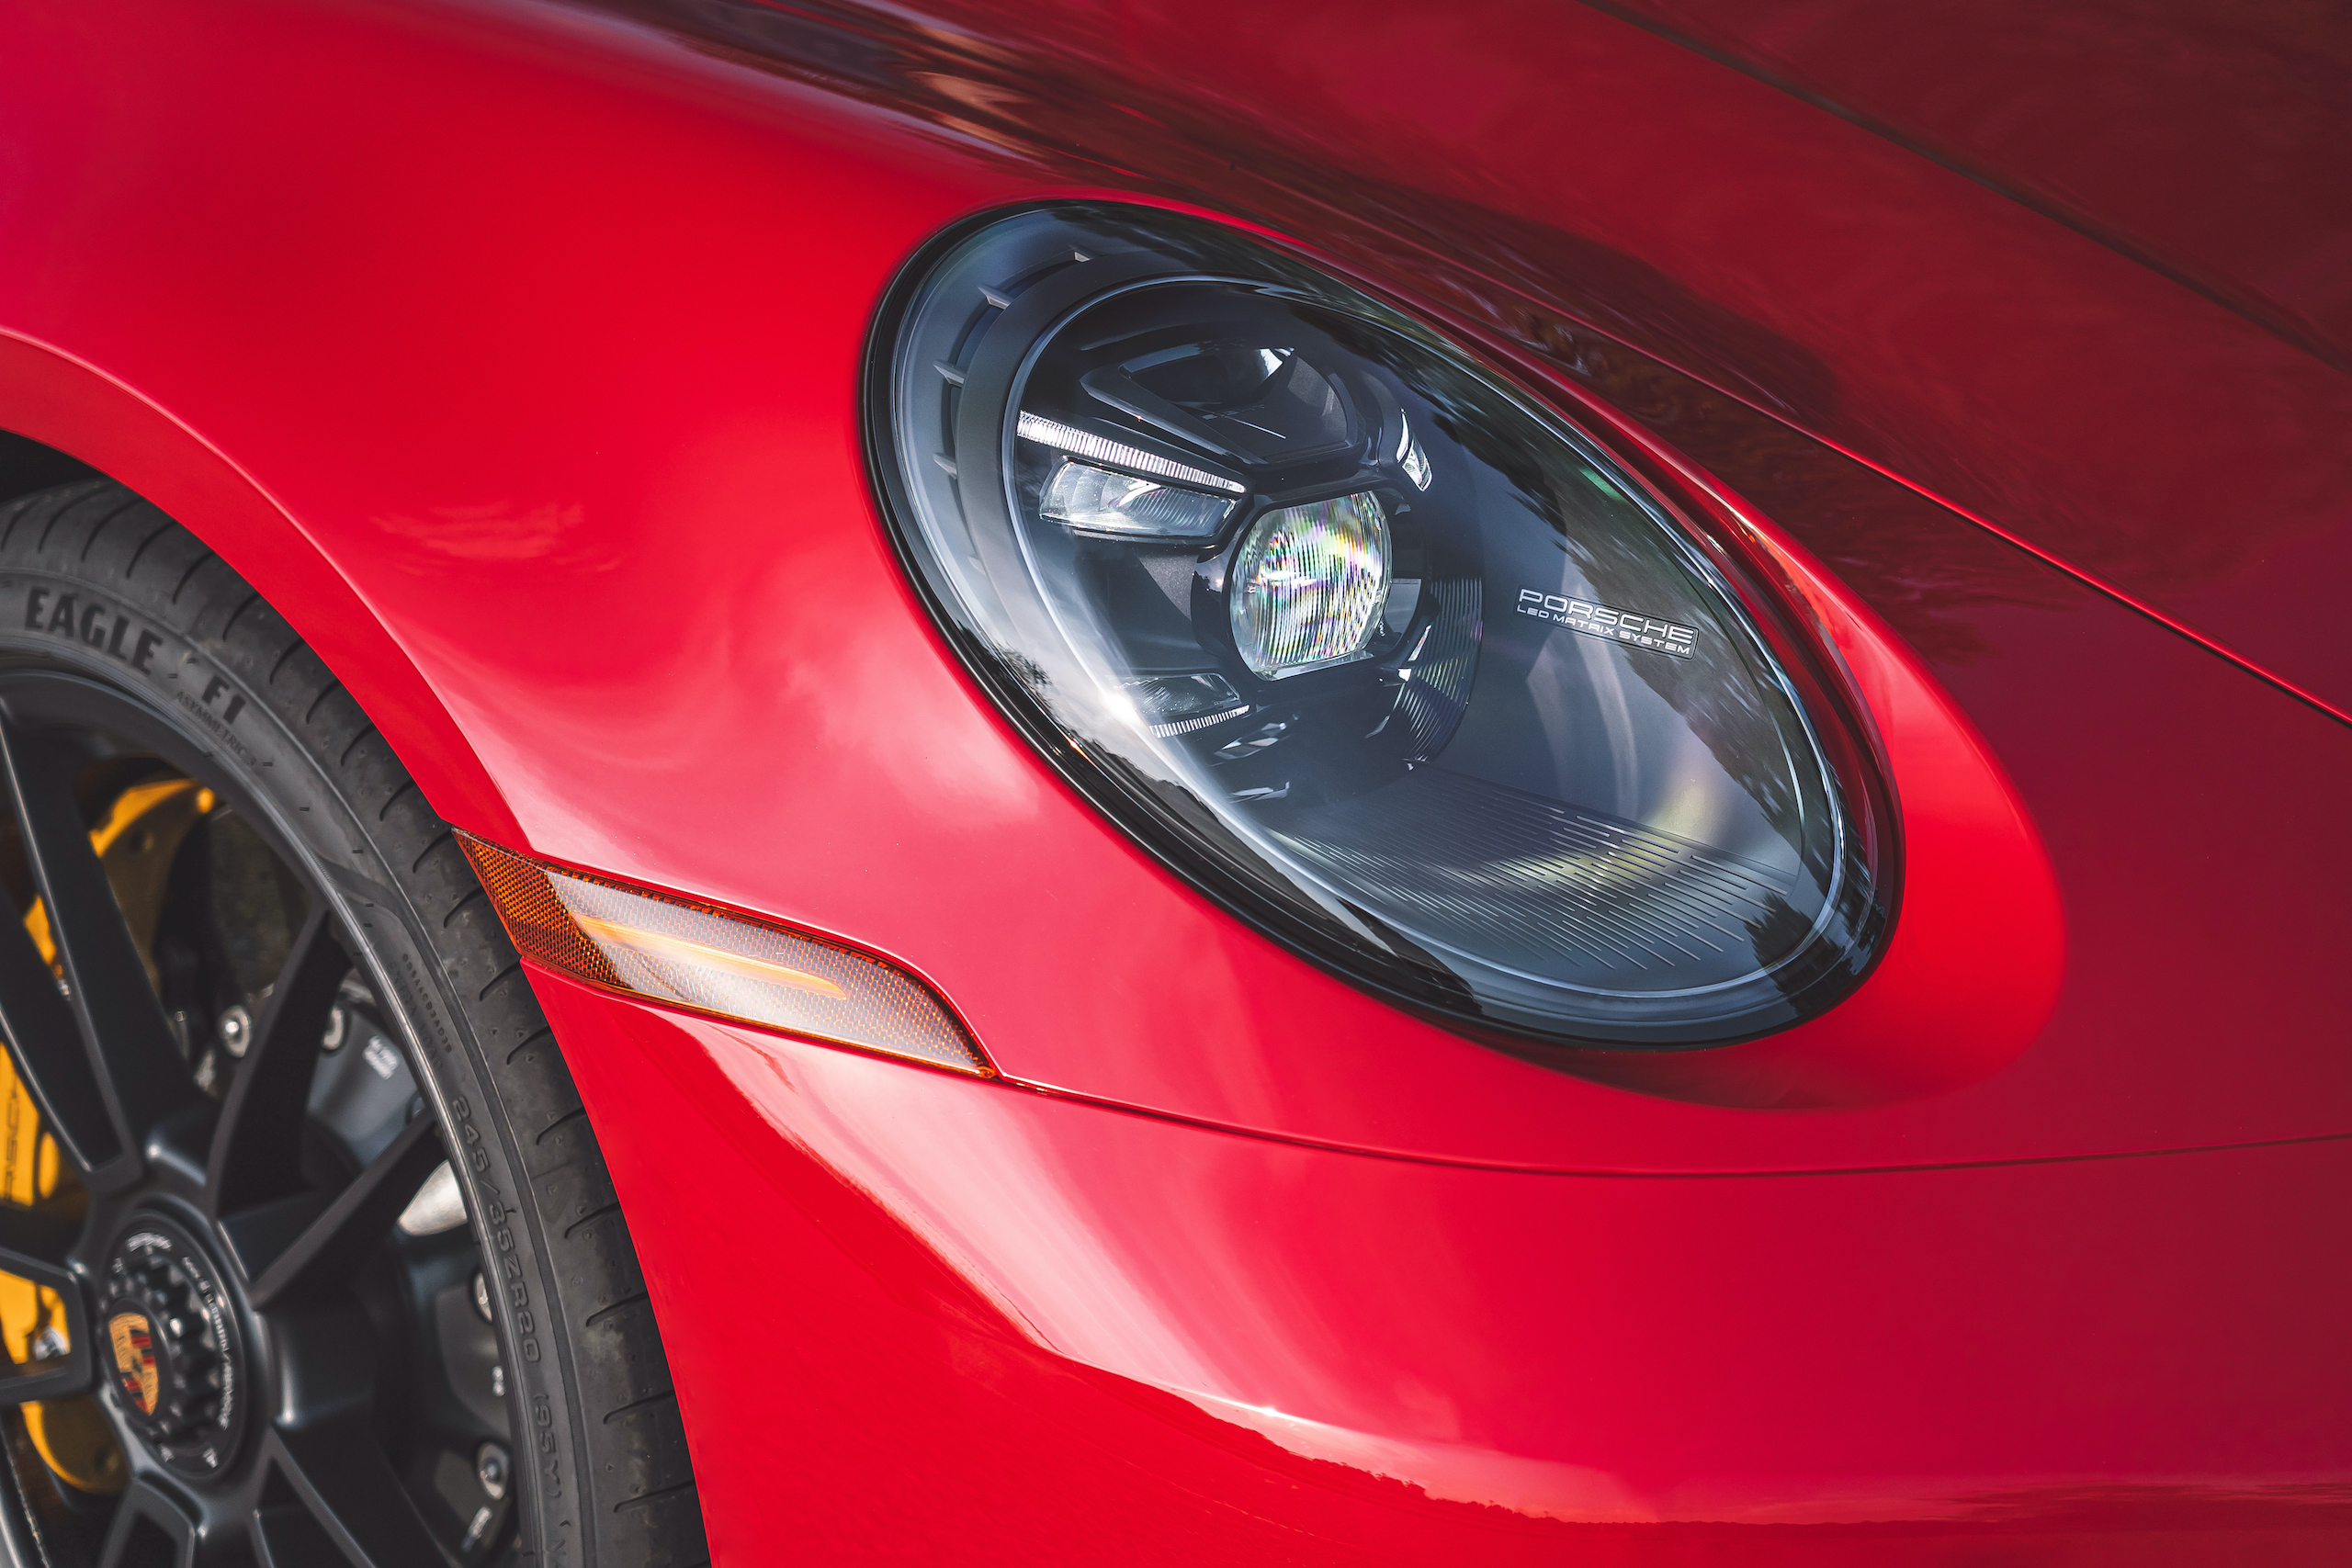 Porsche 911 GTS headlight